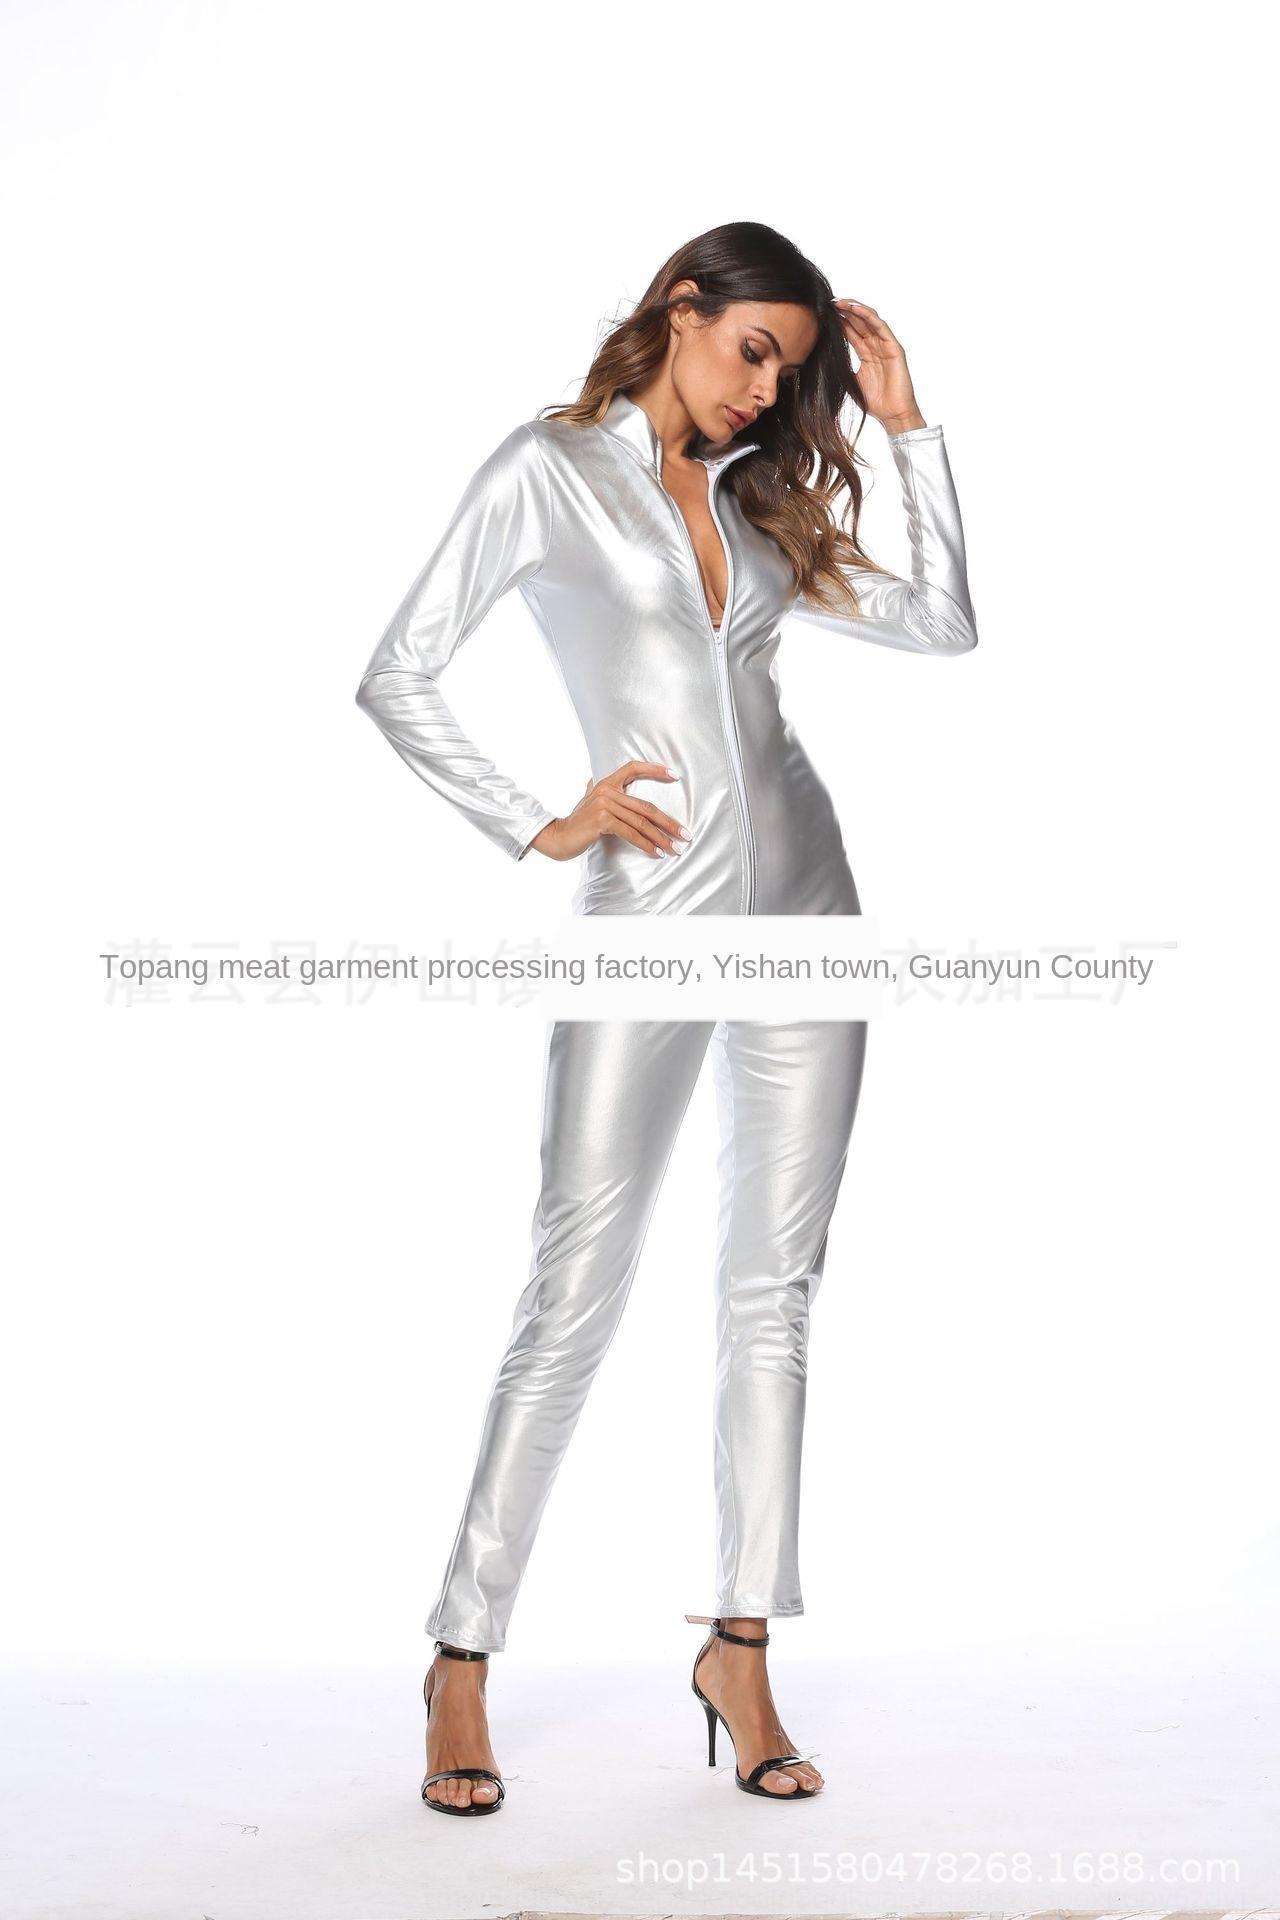 DPxCU C7I94 равномерной производительность соблазн ночного клуб плотно один цельного корсет золочение имитации белья пальто кожаного пальто Pu кожа краска сла